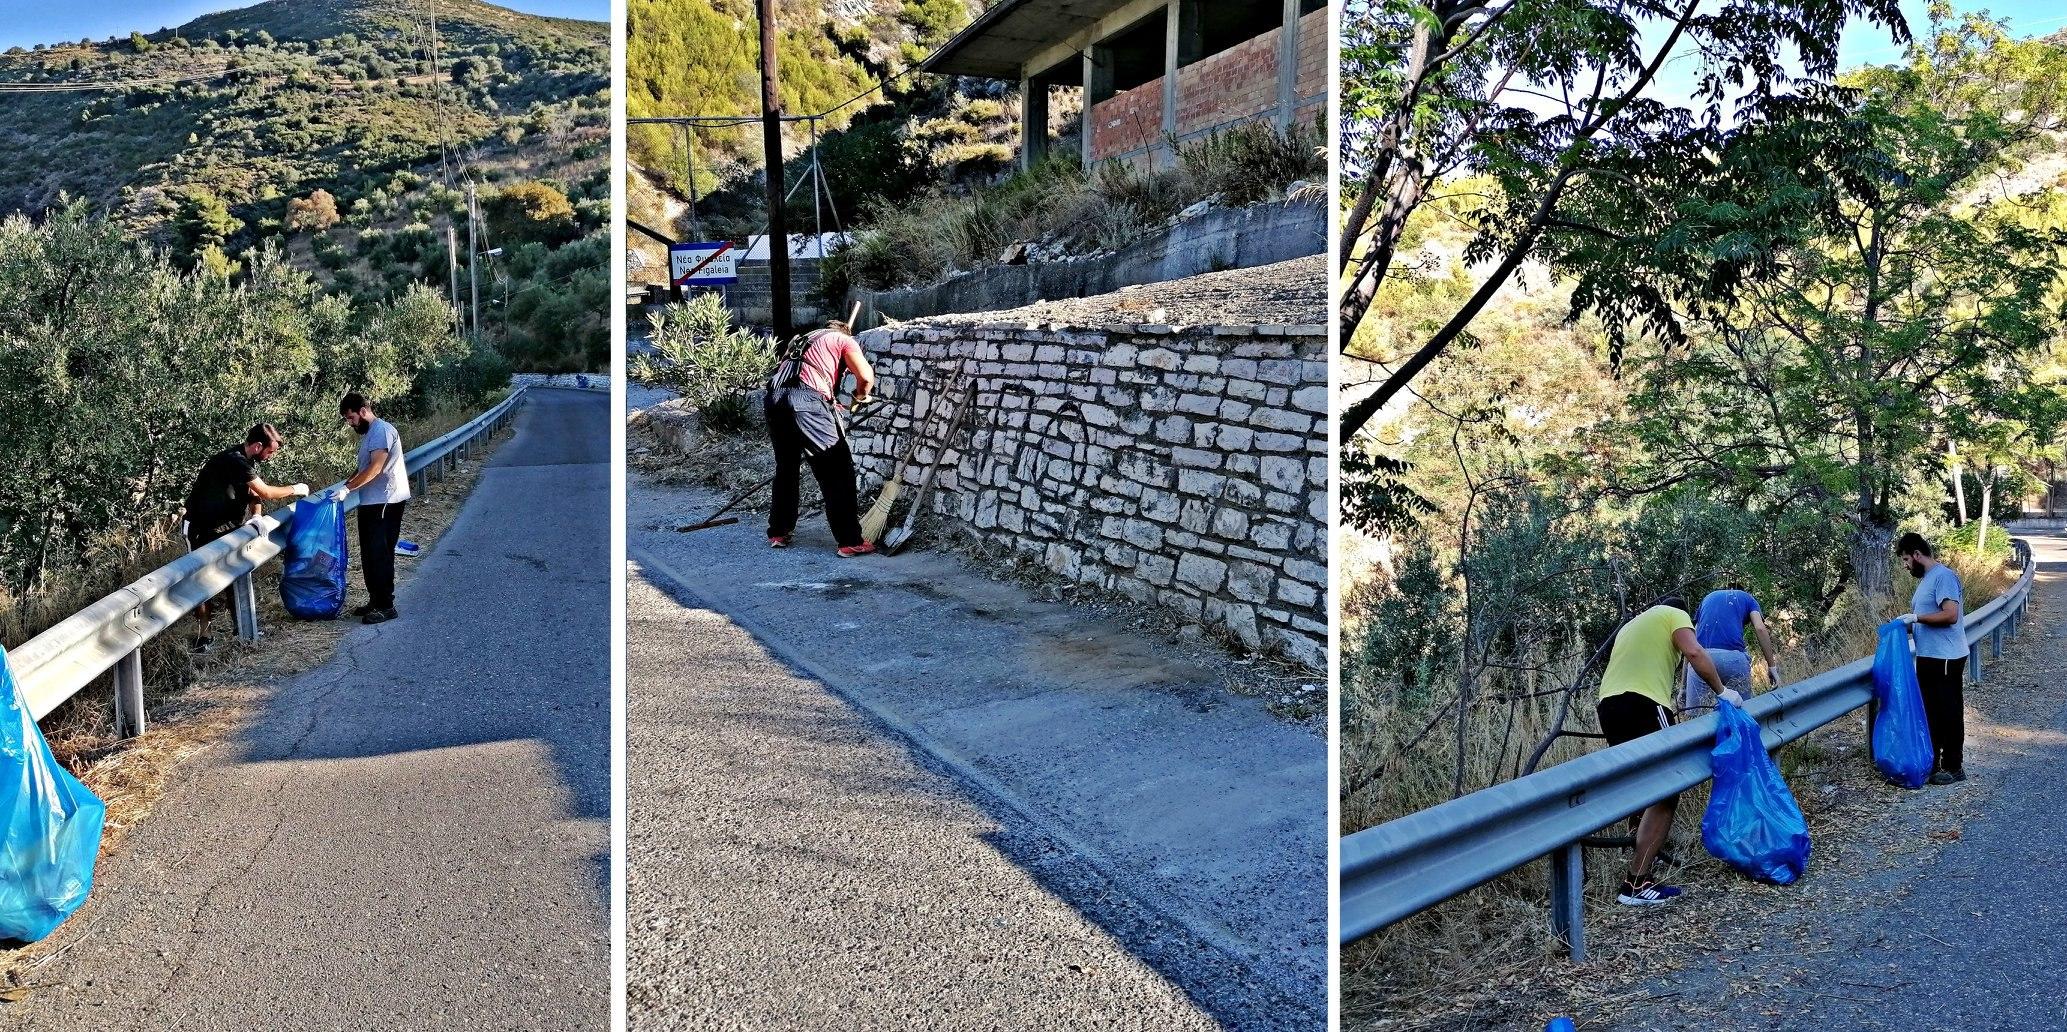 Νέα Φιγαλεία: Εθελοντές καθάρισαν την είσοδο της πόλης- Σεβασμό στο περιβάλλον ζητούν από τους πολίτες (photos)